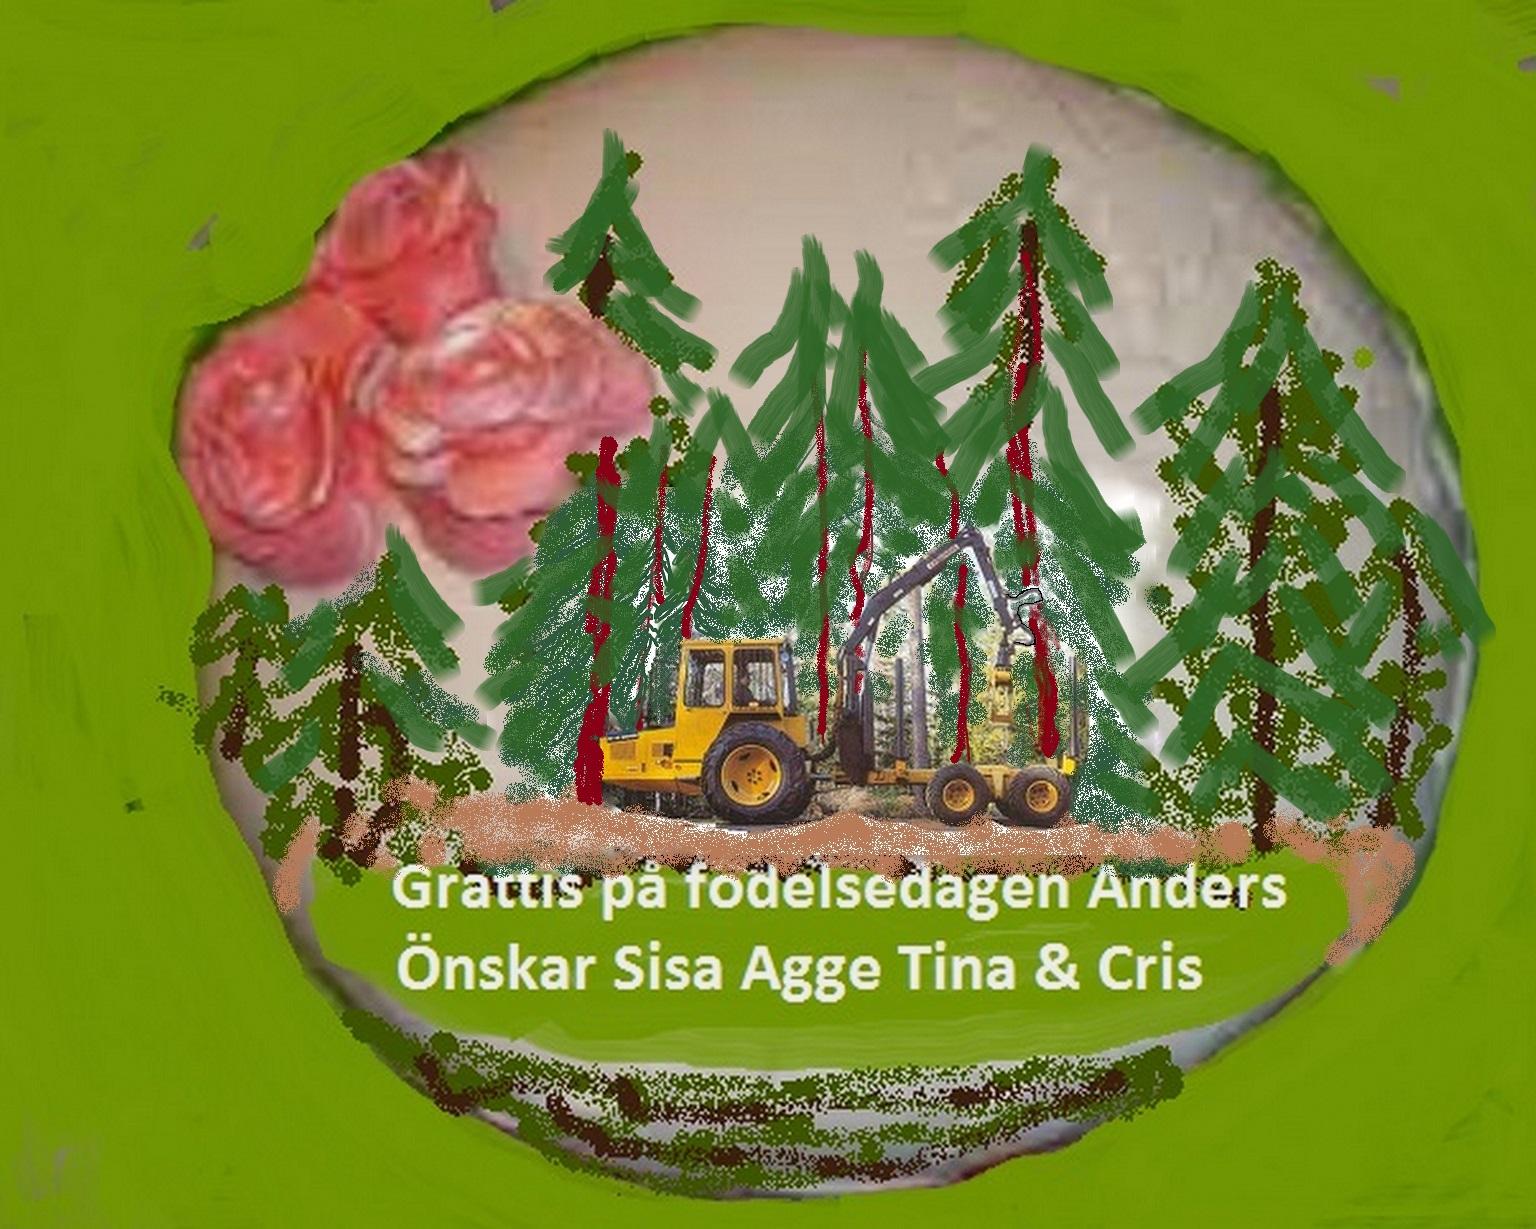 grattis önskningar Grattis på födelsedagen Anders   22 Övrigt   Livskvalitet iFokus grattis önskningar